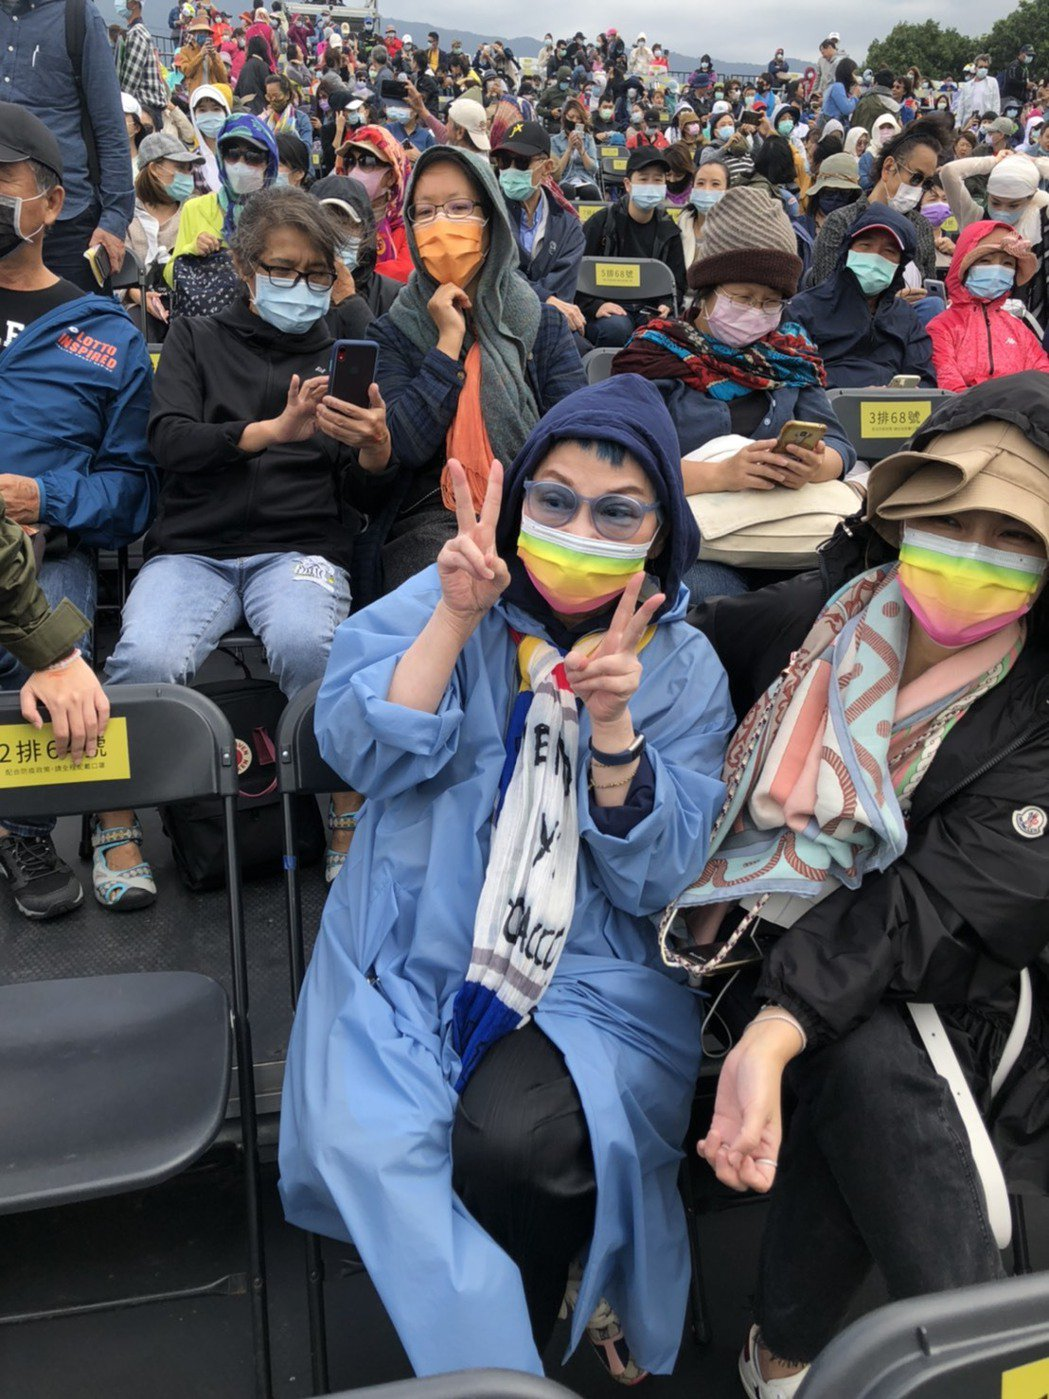 張小燕聽到媒體要幫她拍美照,開心比ya。記者王郁惠/攝影